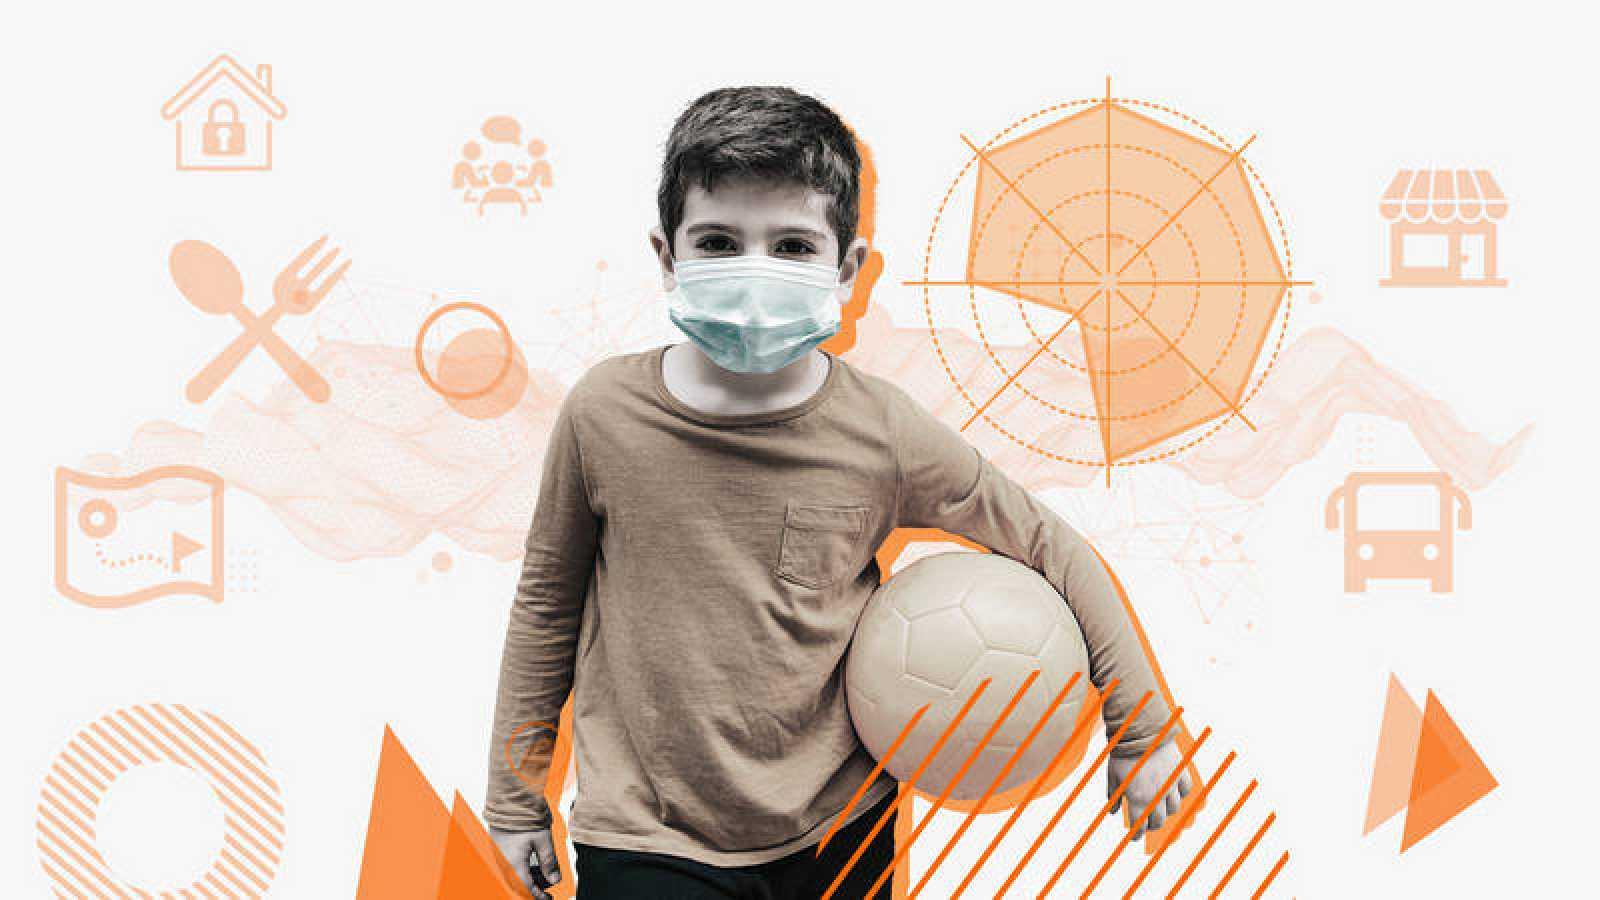 Última hora de las restricciones frente al coronavirus en España por comunidad autónoma, provincia y municipio.